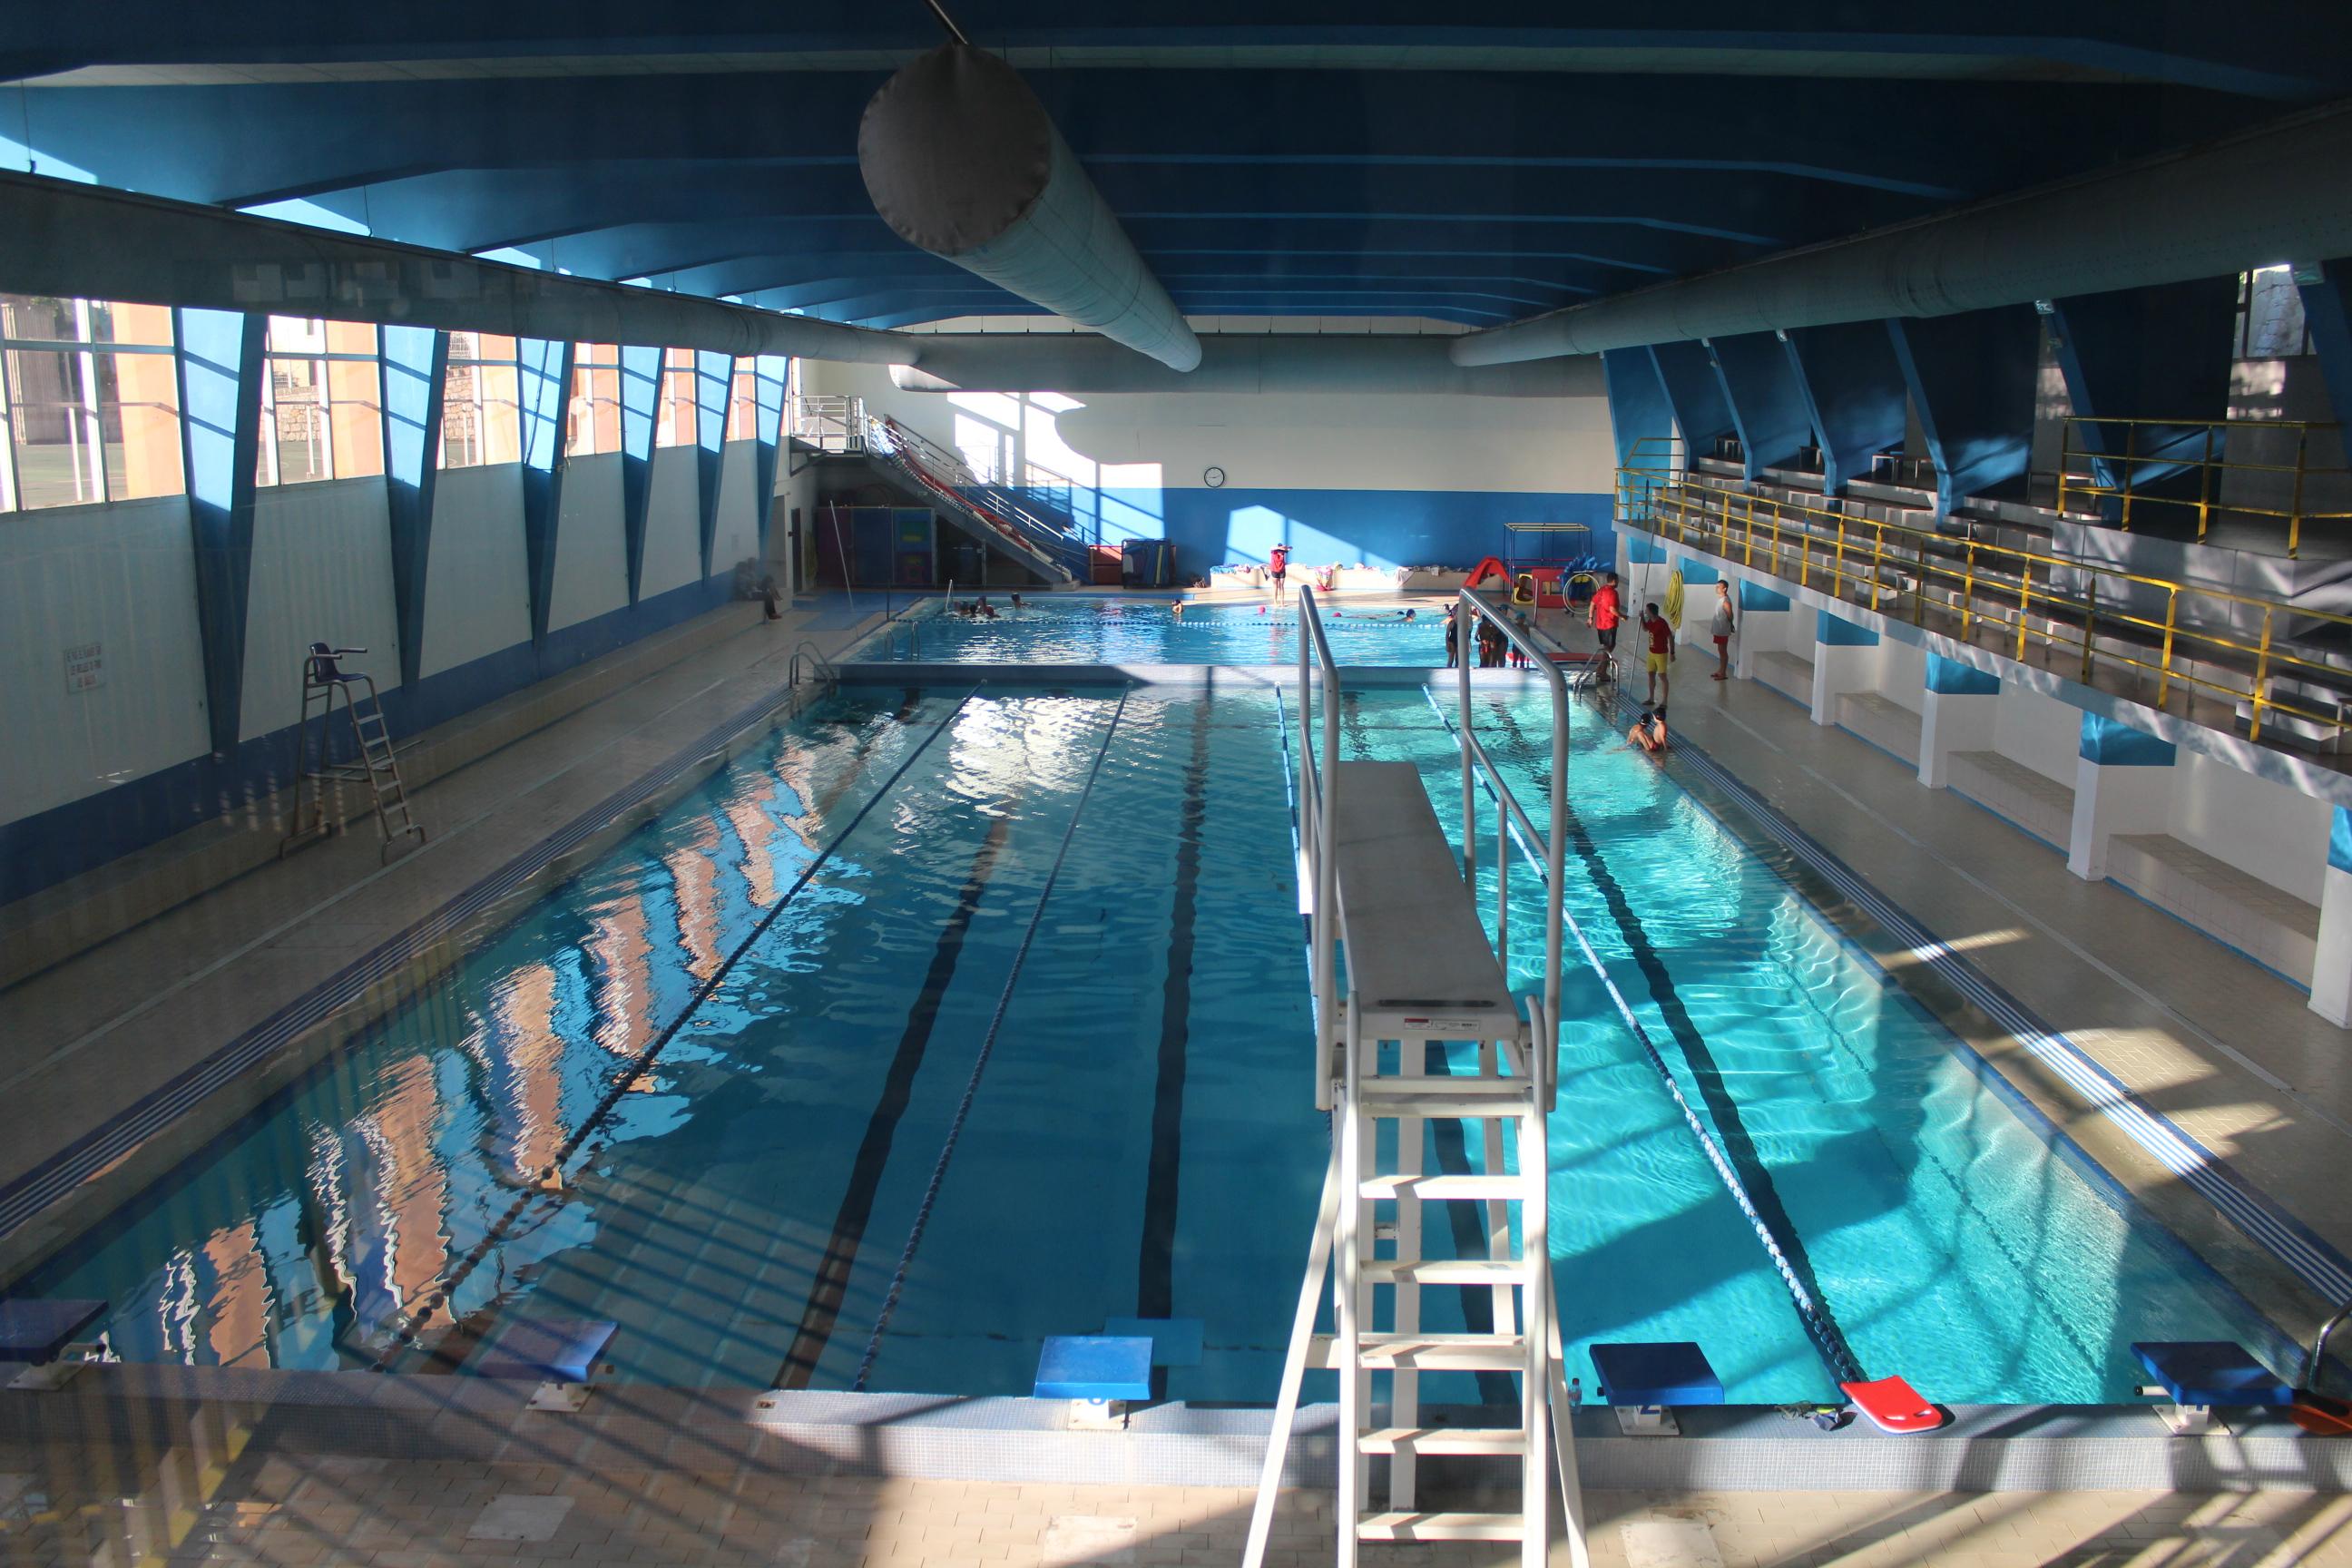 Communiqu ouverture de la piscine rossini for Ouverture piscine